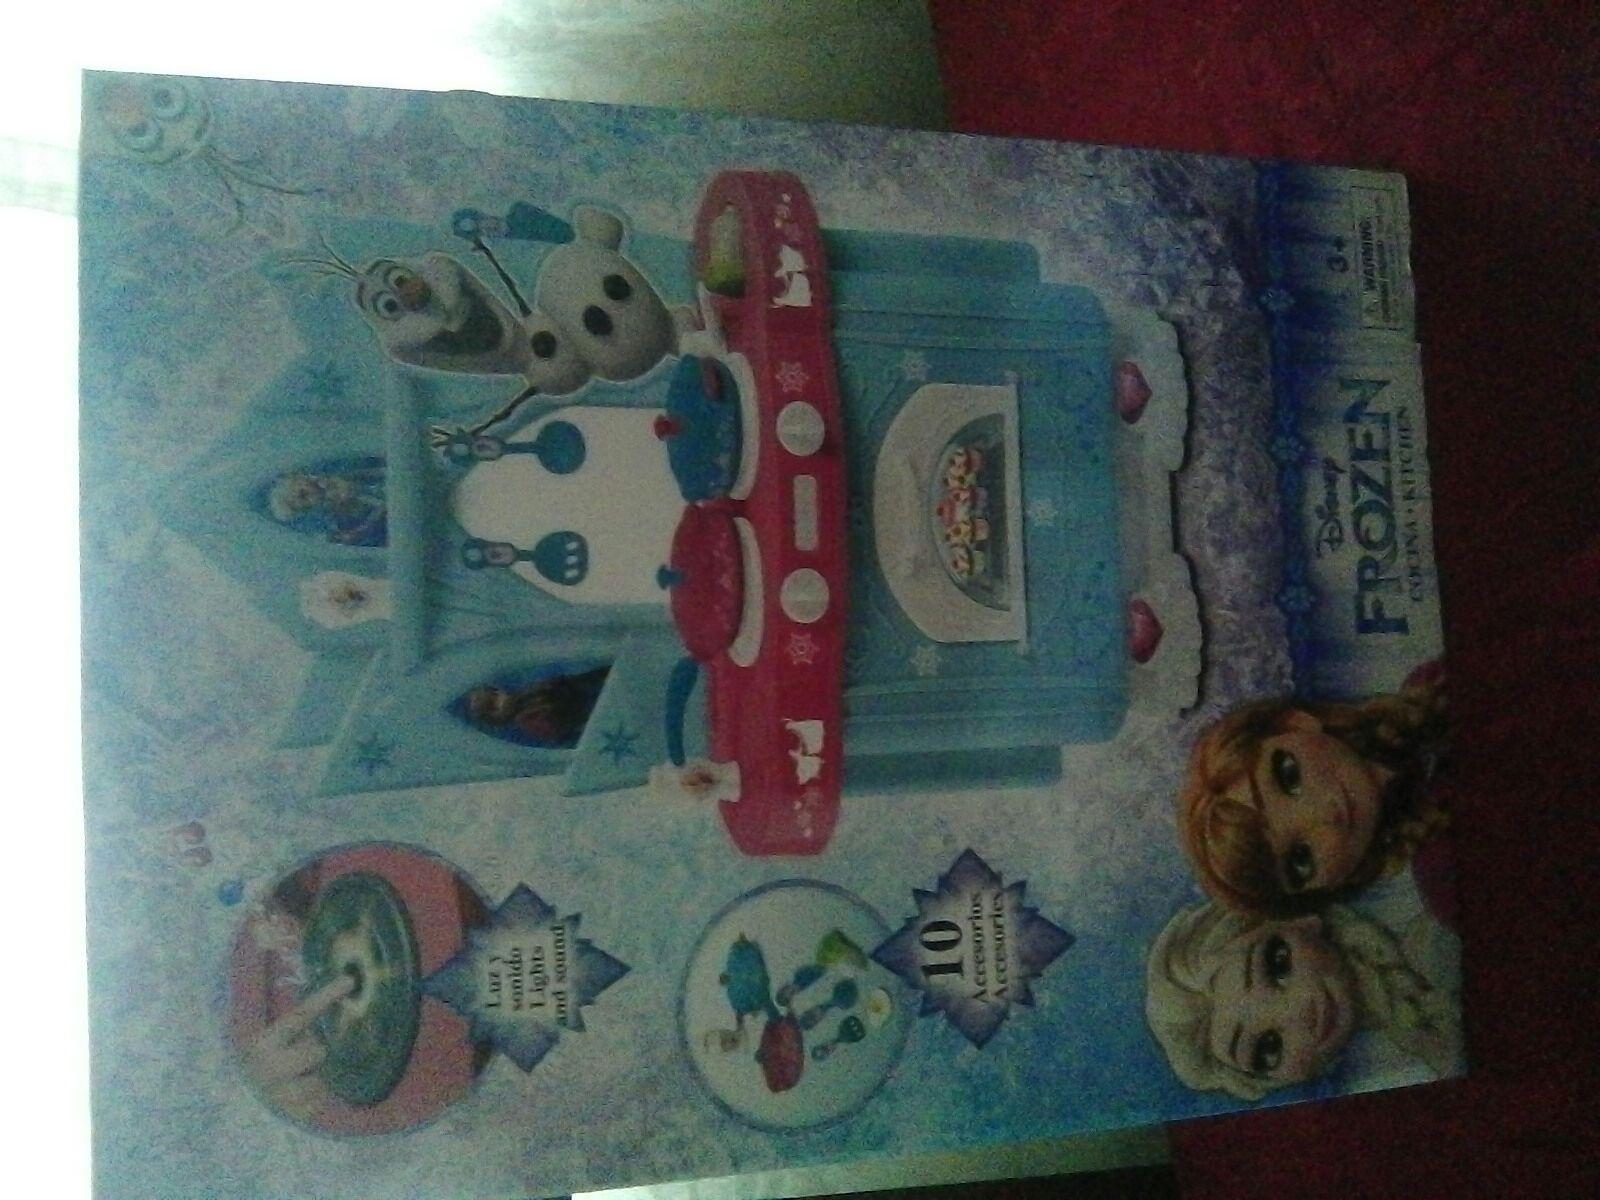 Bodega Aurrerá: Cocinita de juguete Frozen a $210.03